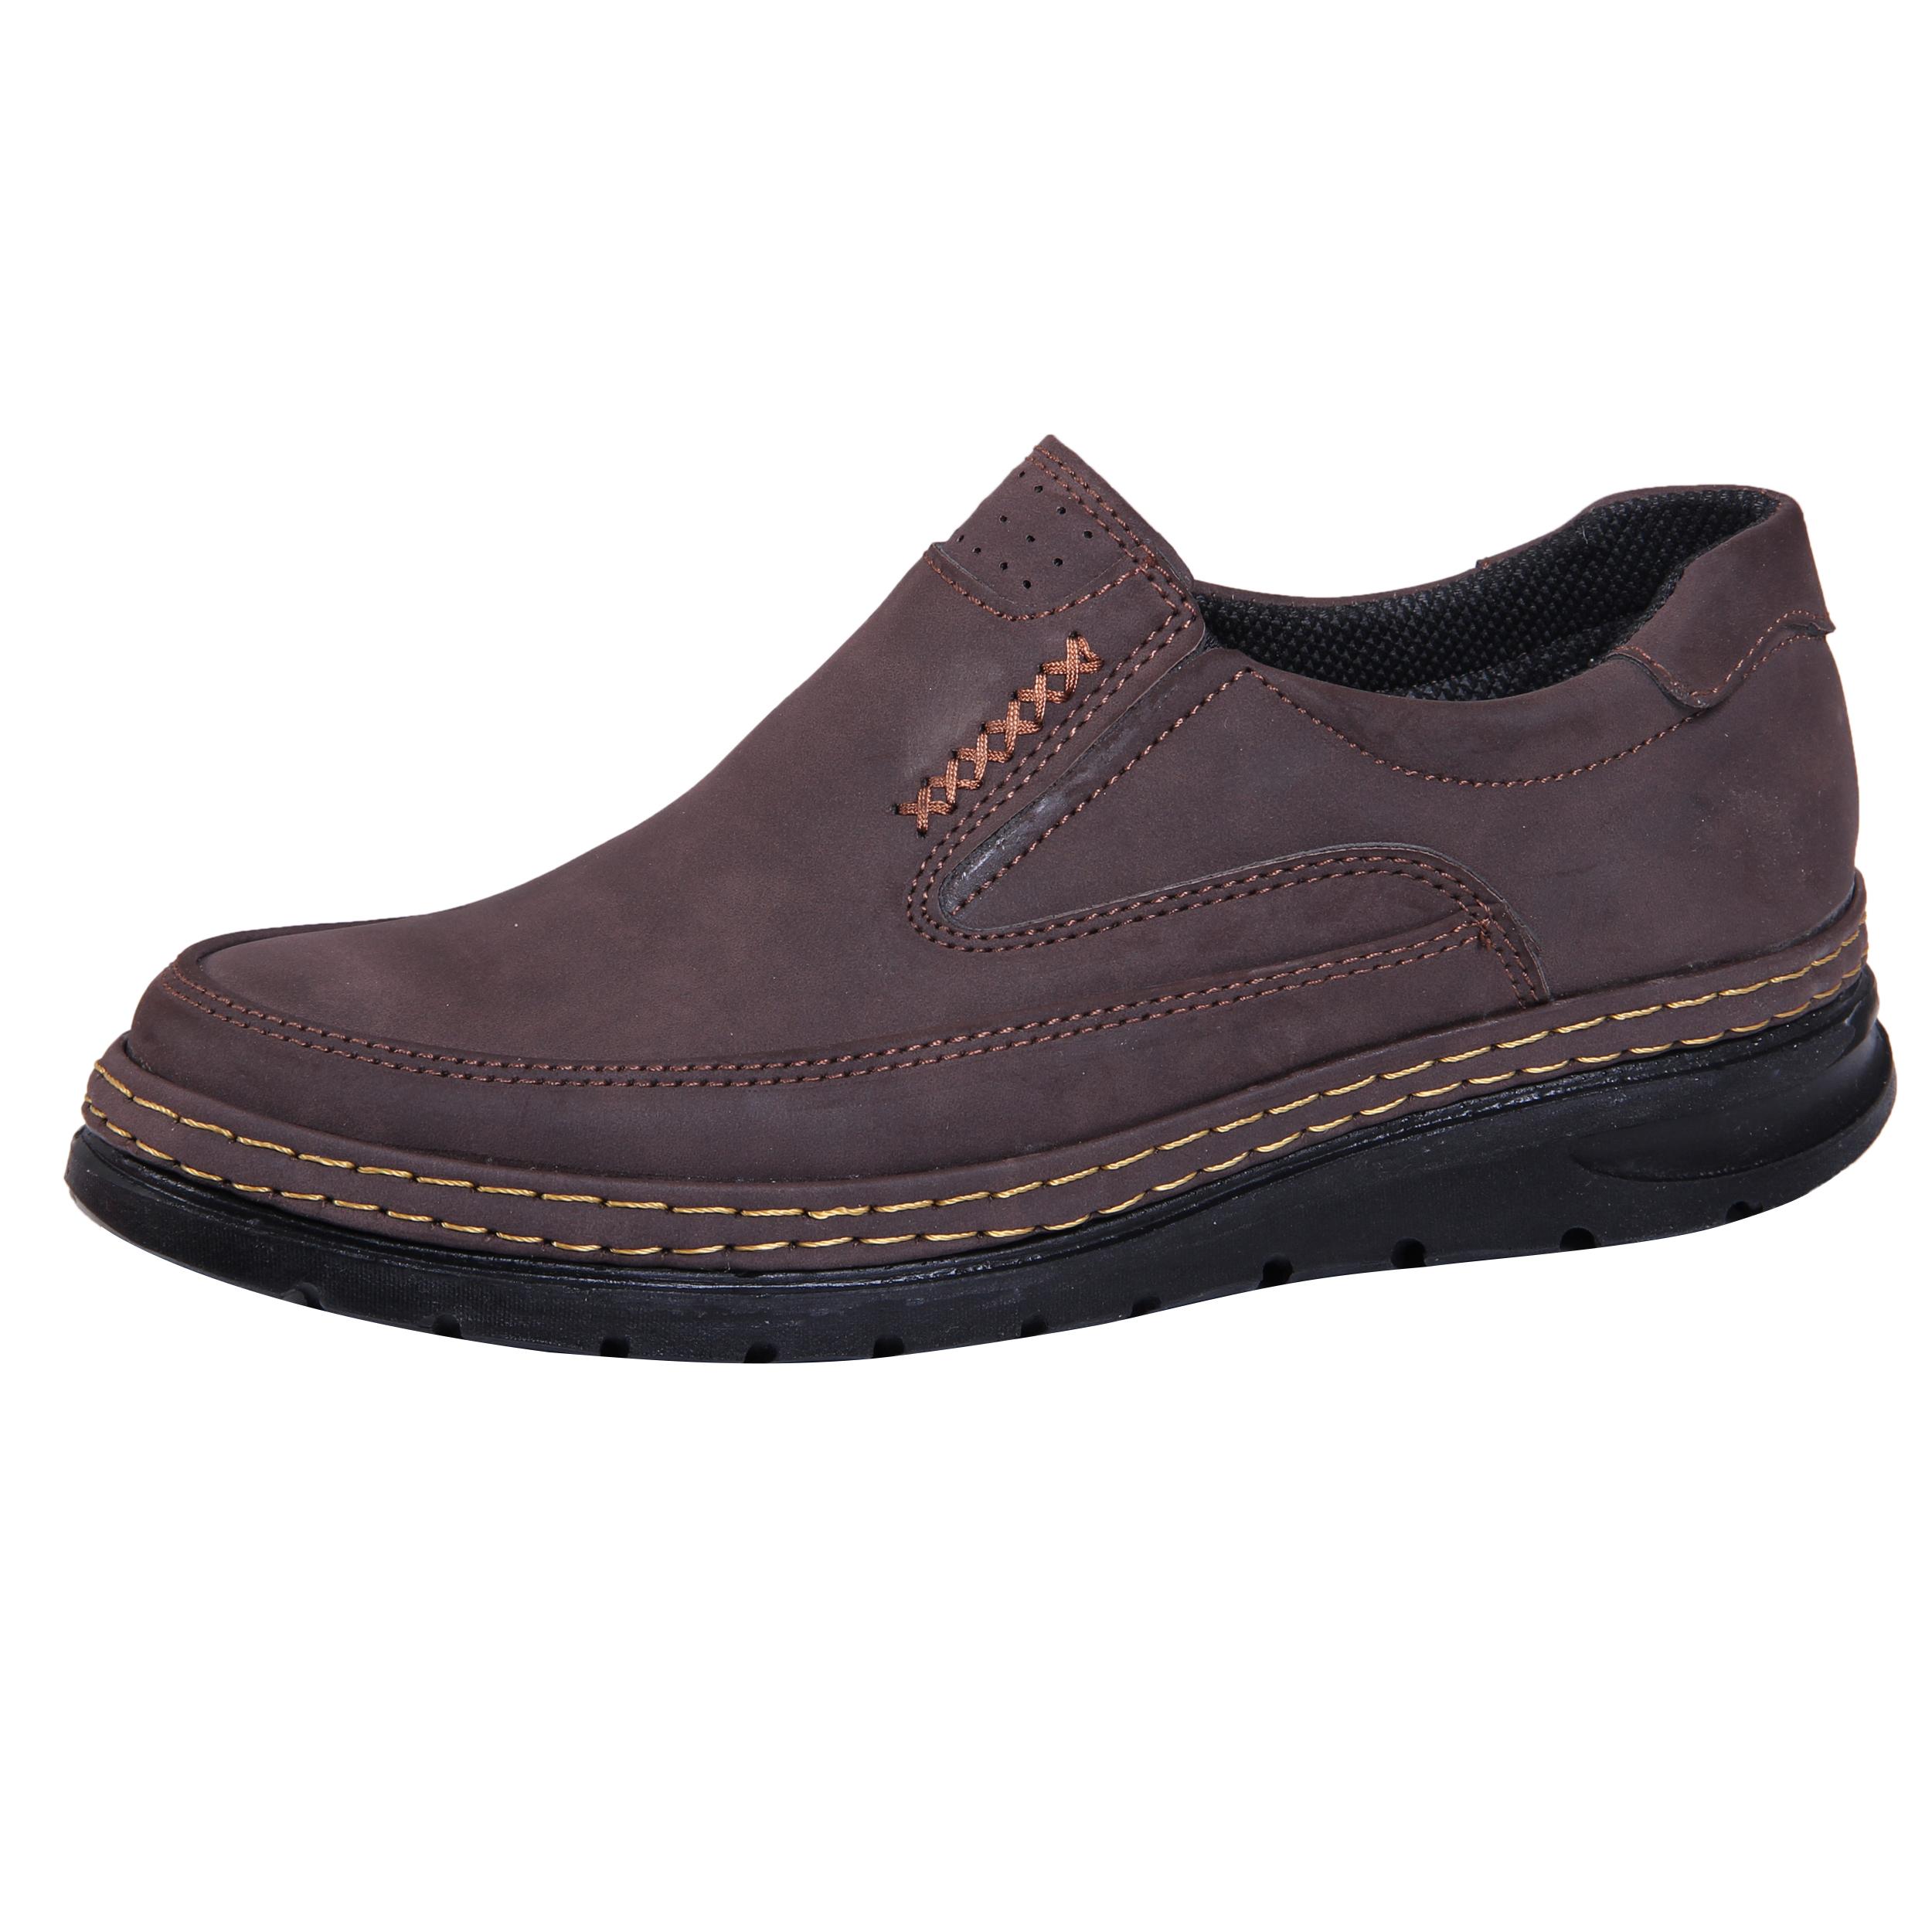 کفش روزمره مردانه کد 3-39973 -  - 3